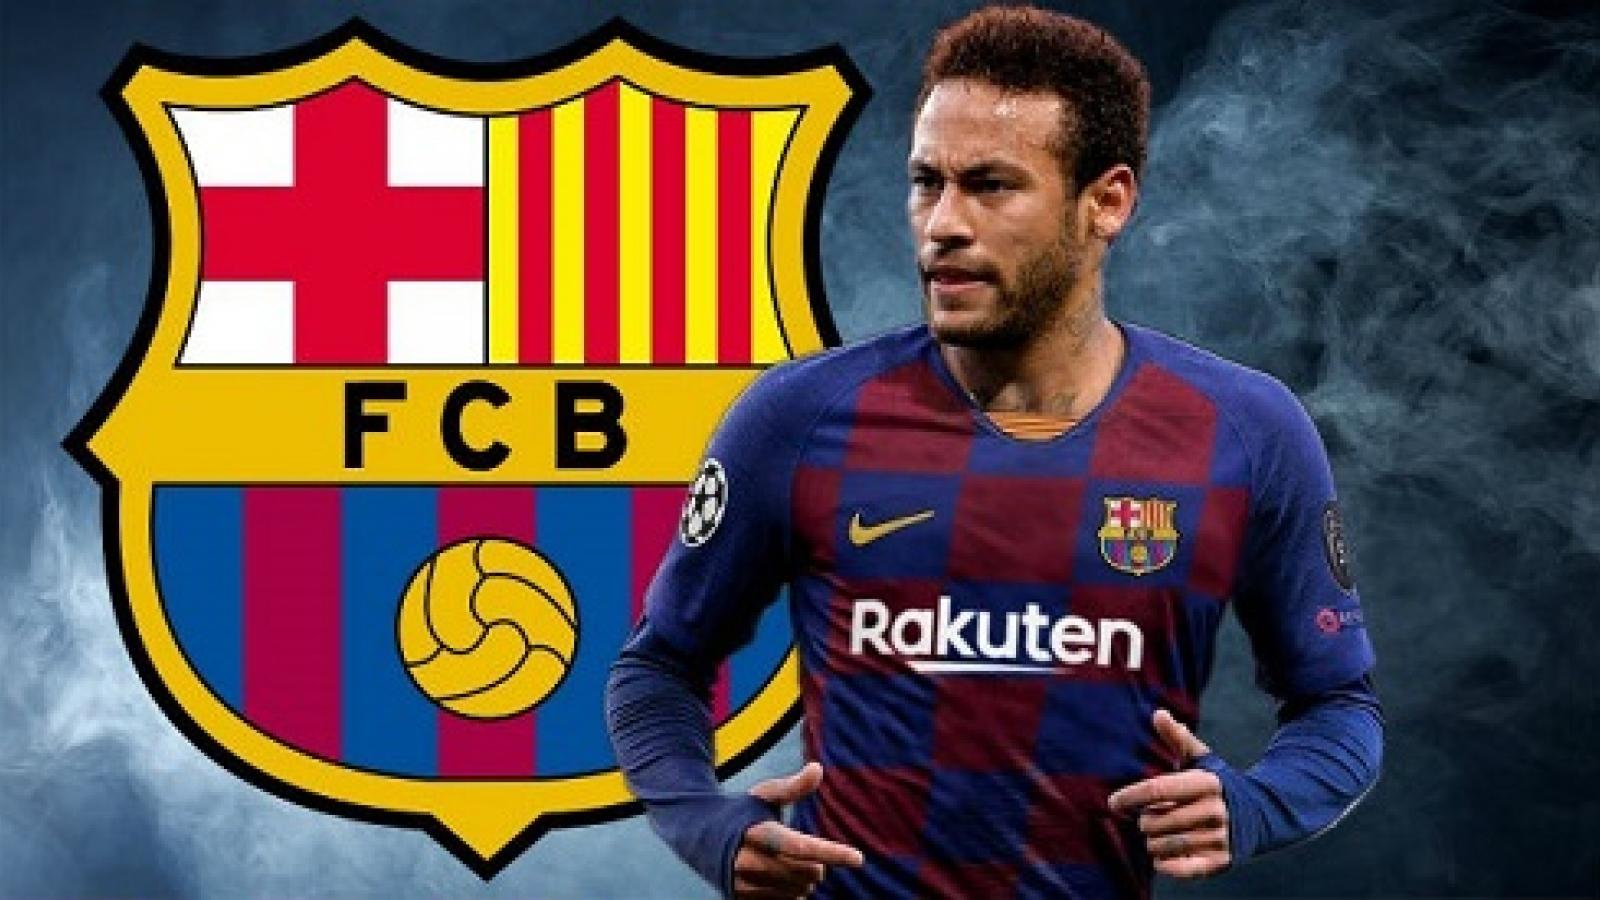 Chuyển nhượng 17/4: Vì Covid-19, Barca phải từ bỏ Neymar